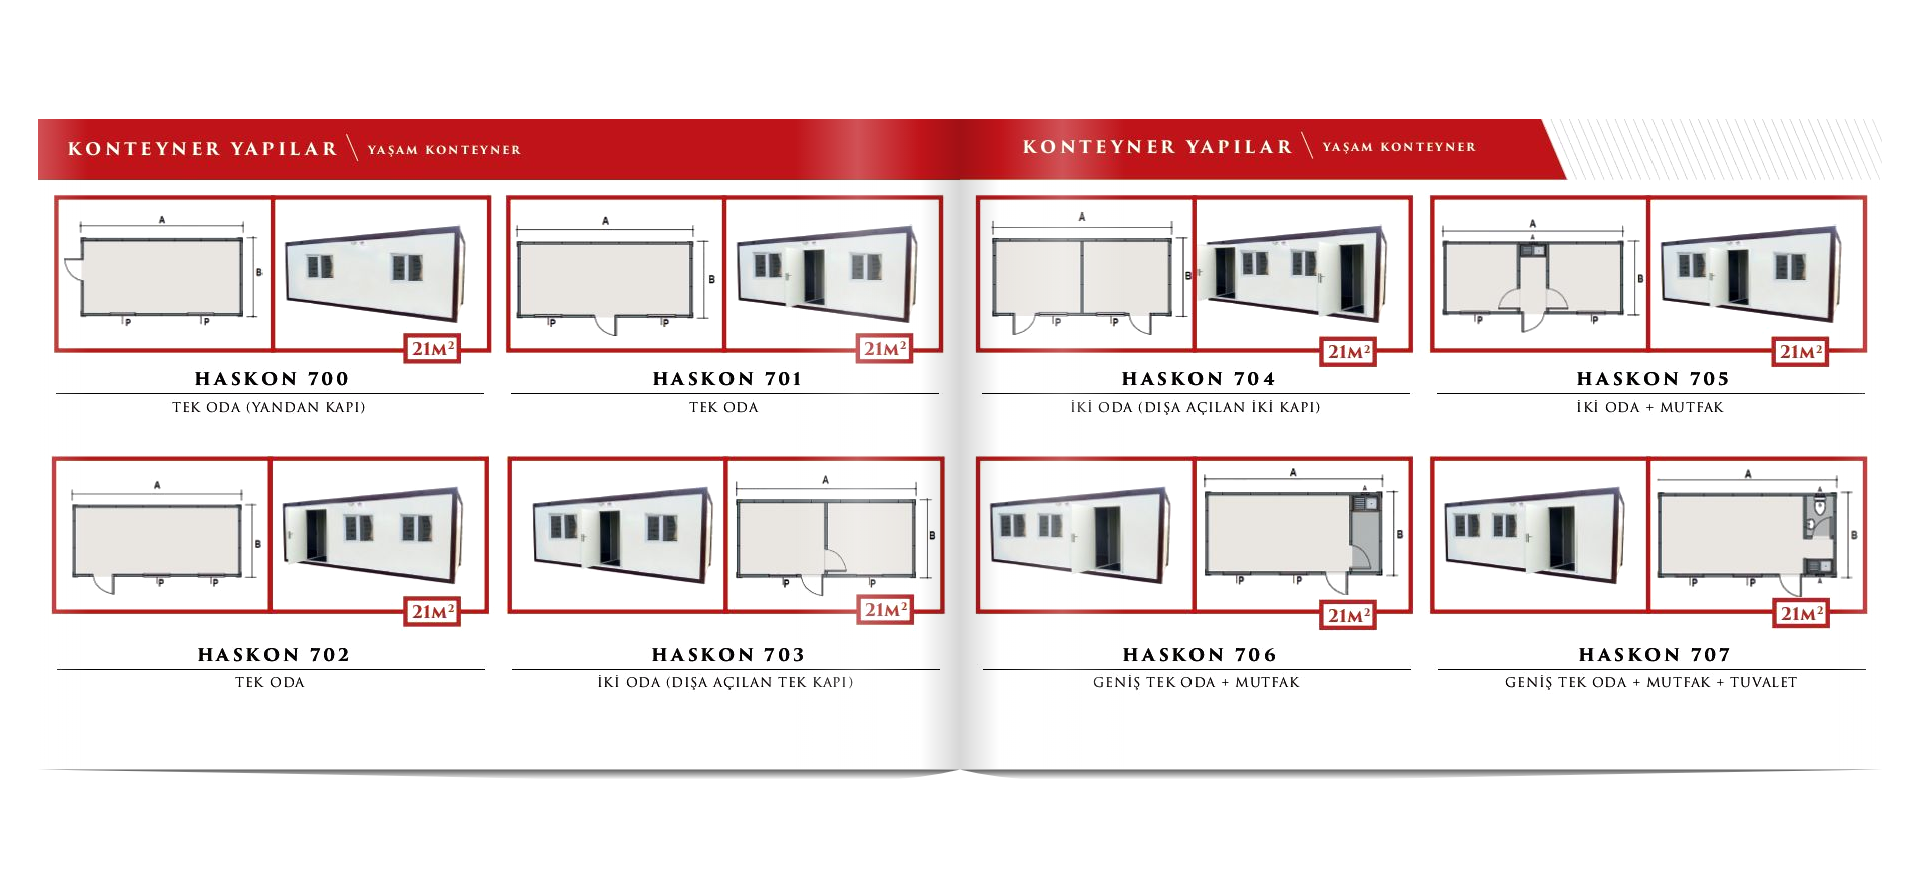 Haskon Konteyner ve Prefabrik Katalog